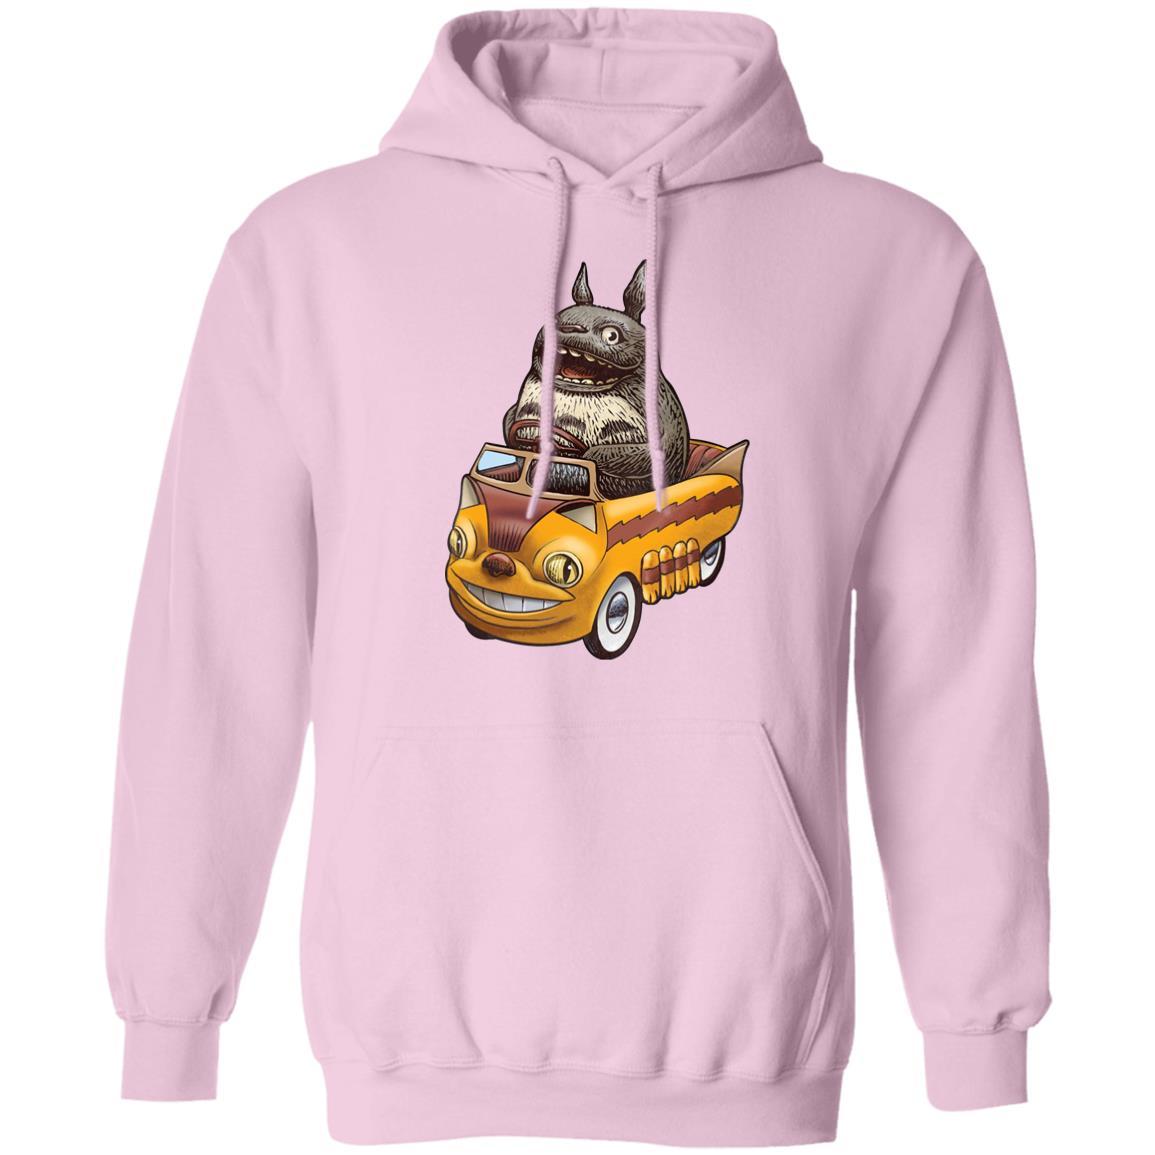 Totoro driving Batbus Hoodie